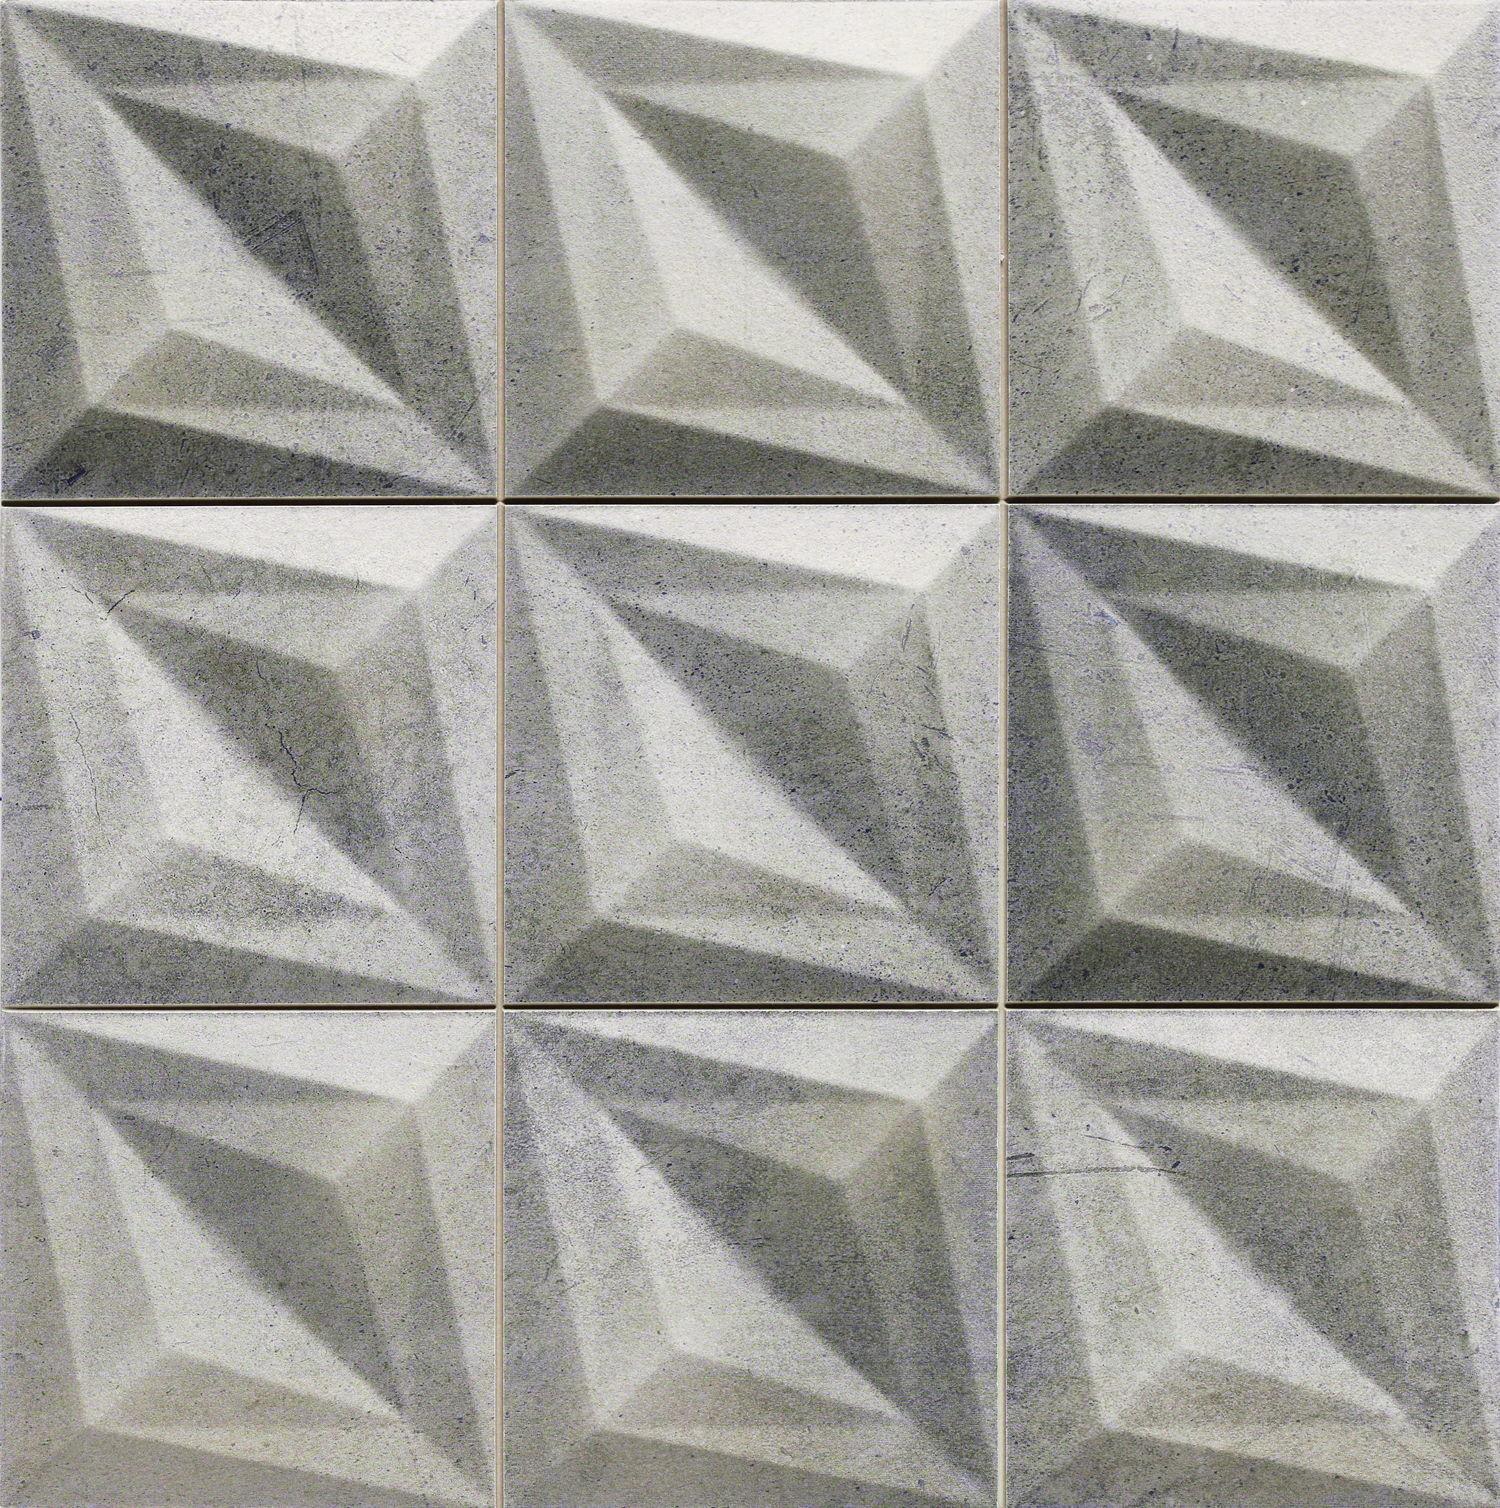 Habitat Delta Concrete 33x33 płytka ścienna heksagonalna